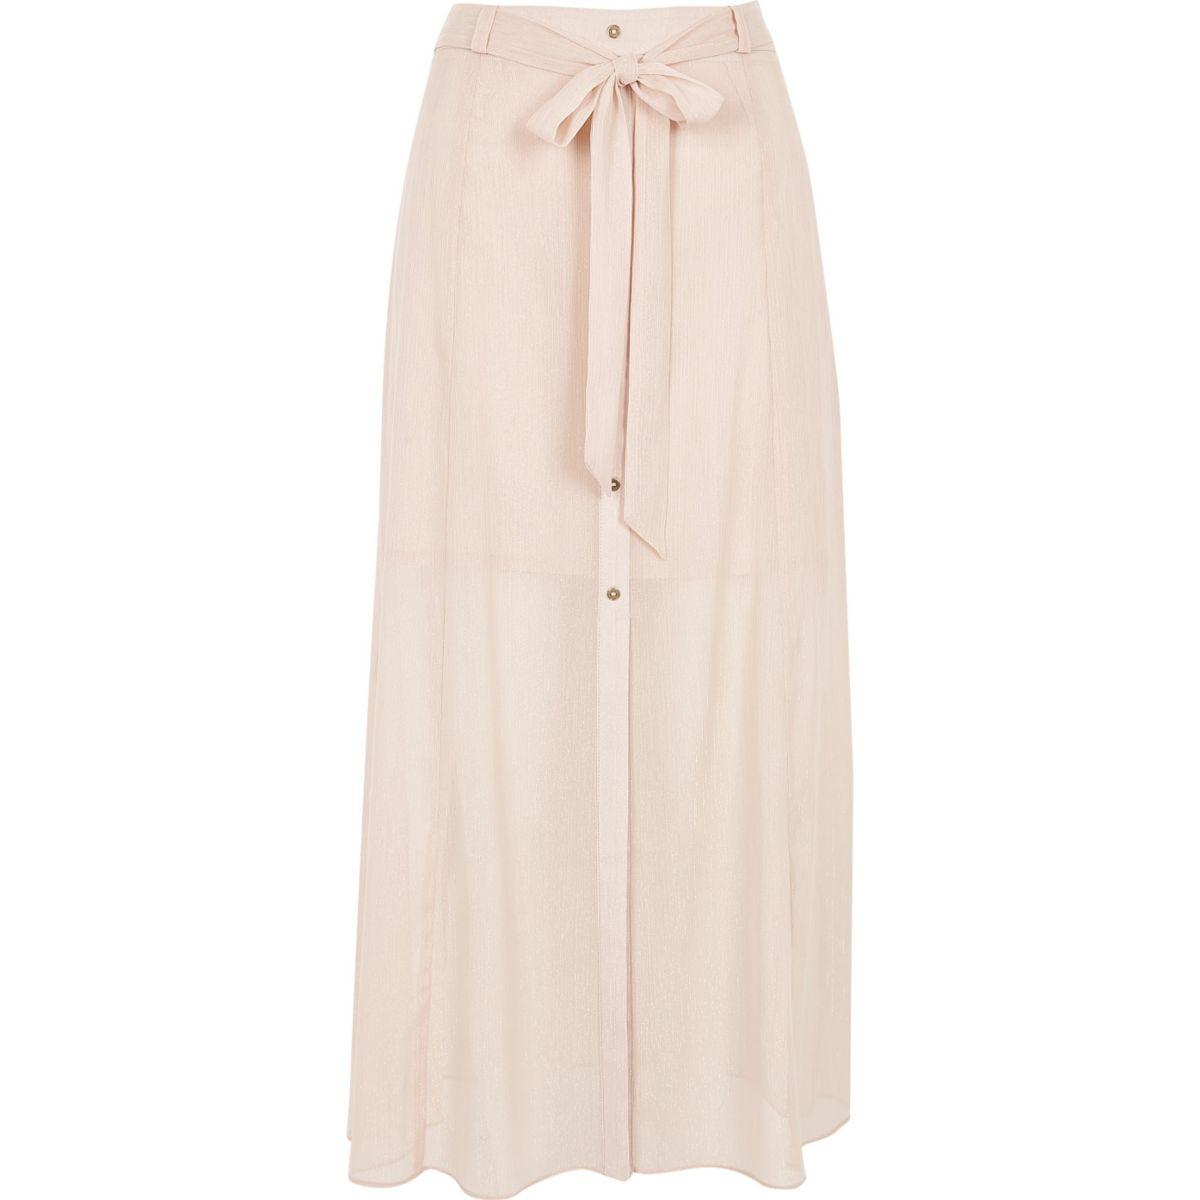 Light pink sheer button through skirt